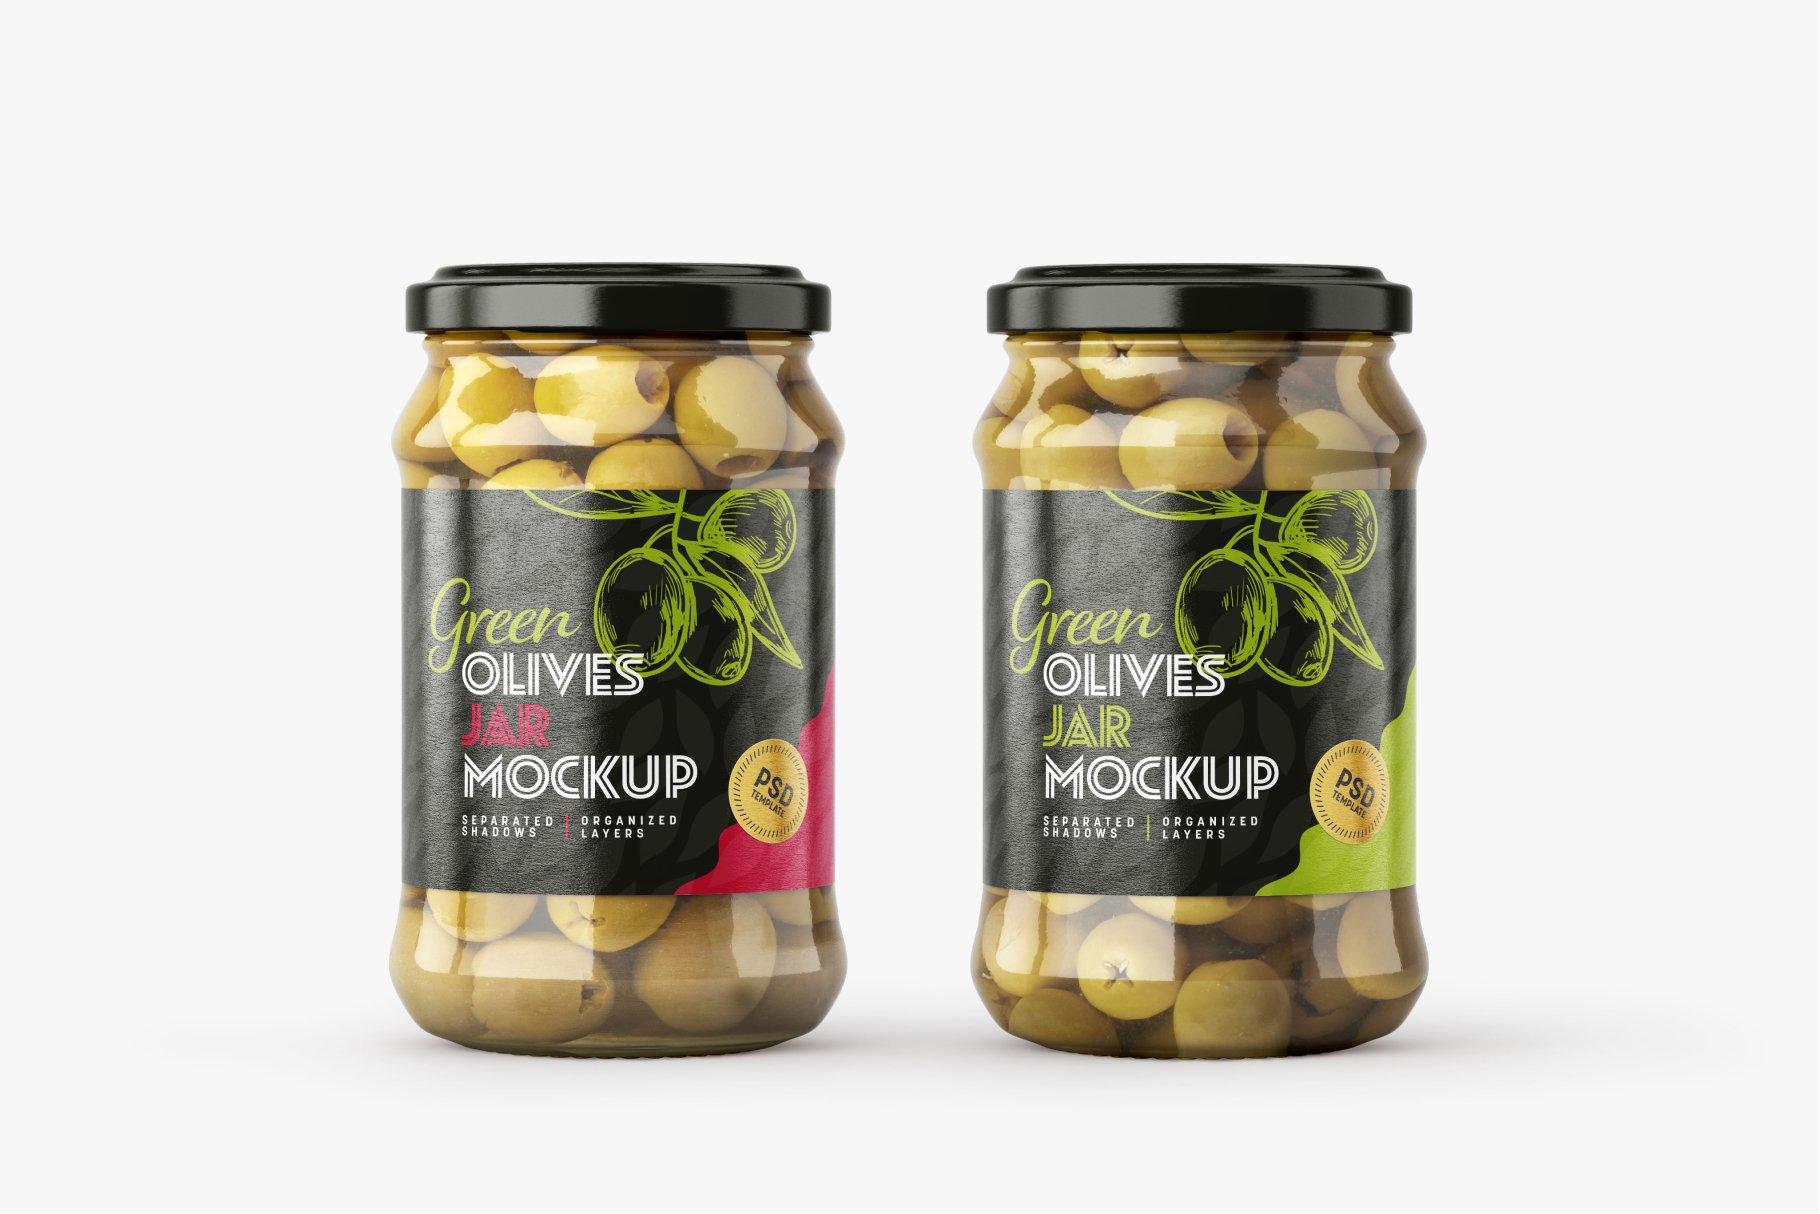 9款新潮华丽食品果酱罐头玻璃罐标签设计样机合集 Olives Jar Mockup Set插图11